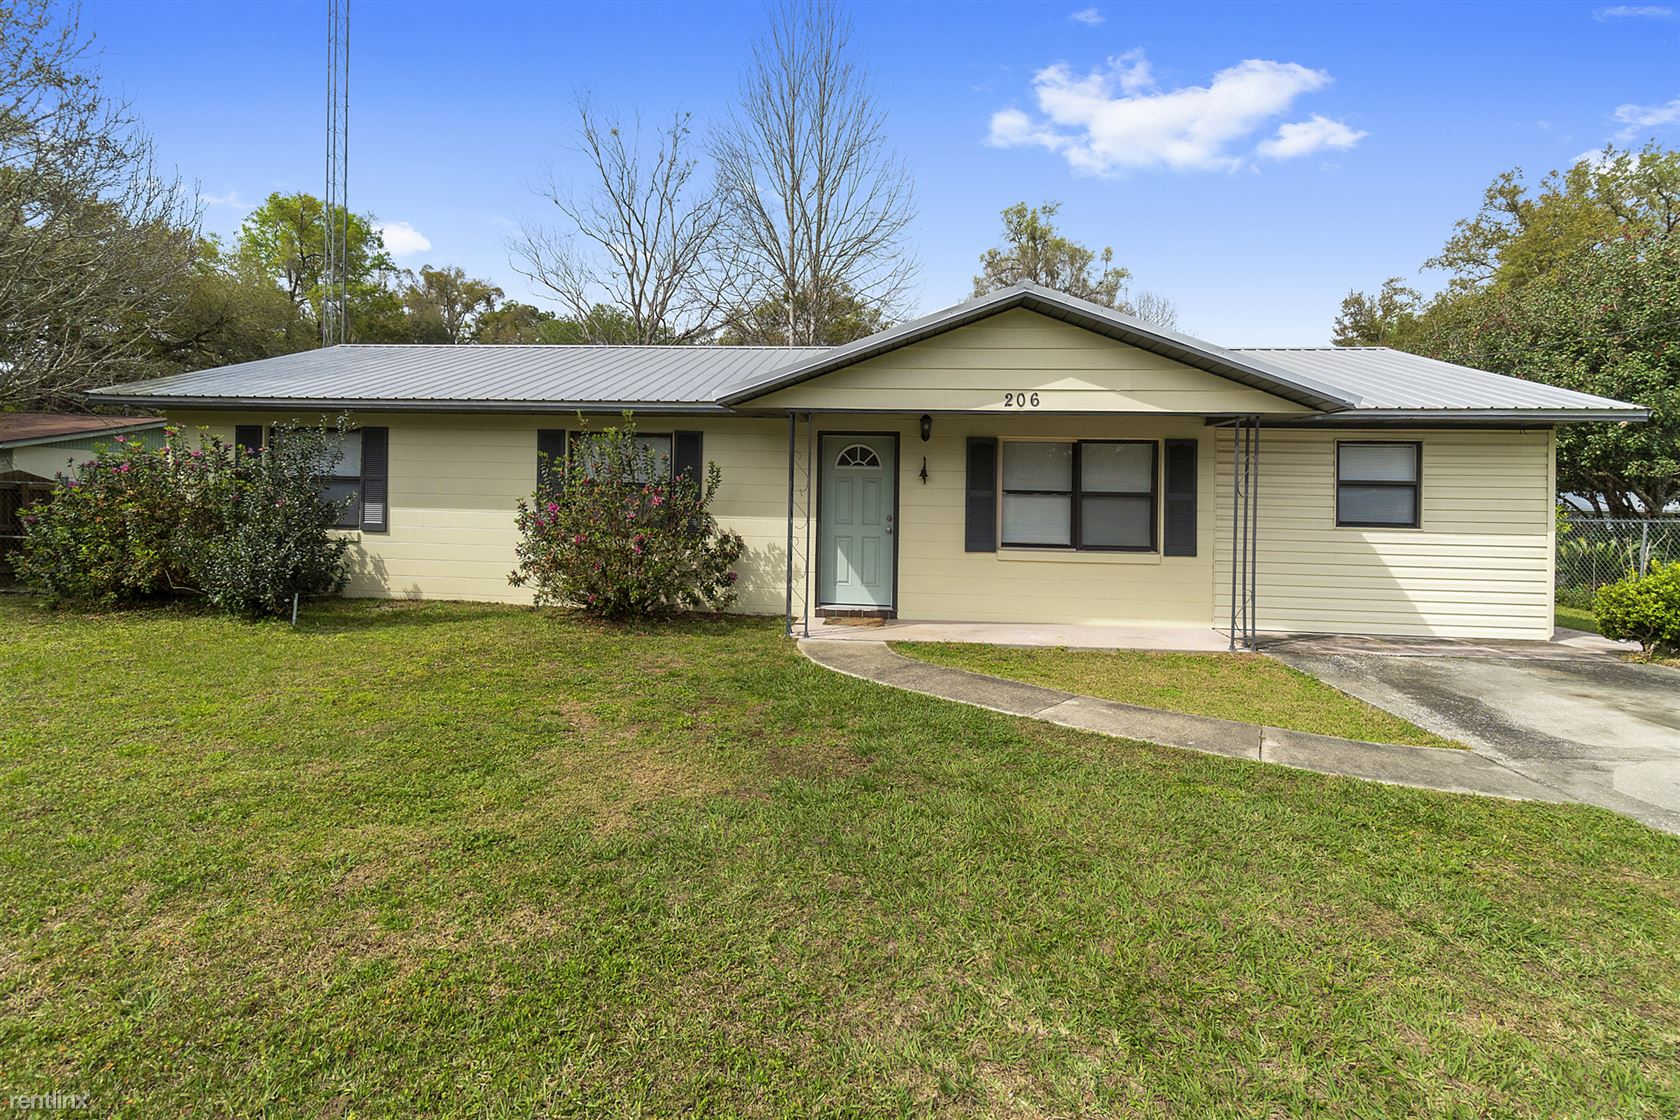 206 Northeast 3rd Terrace, Williston, FL - $1,100